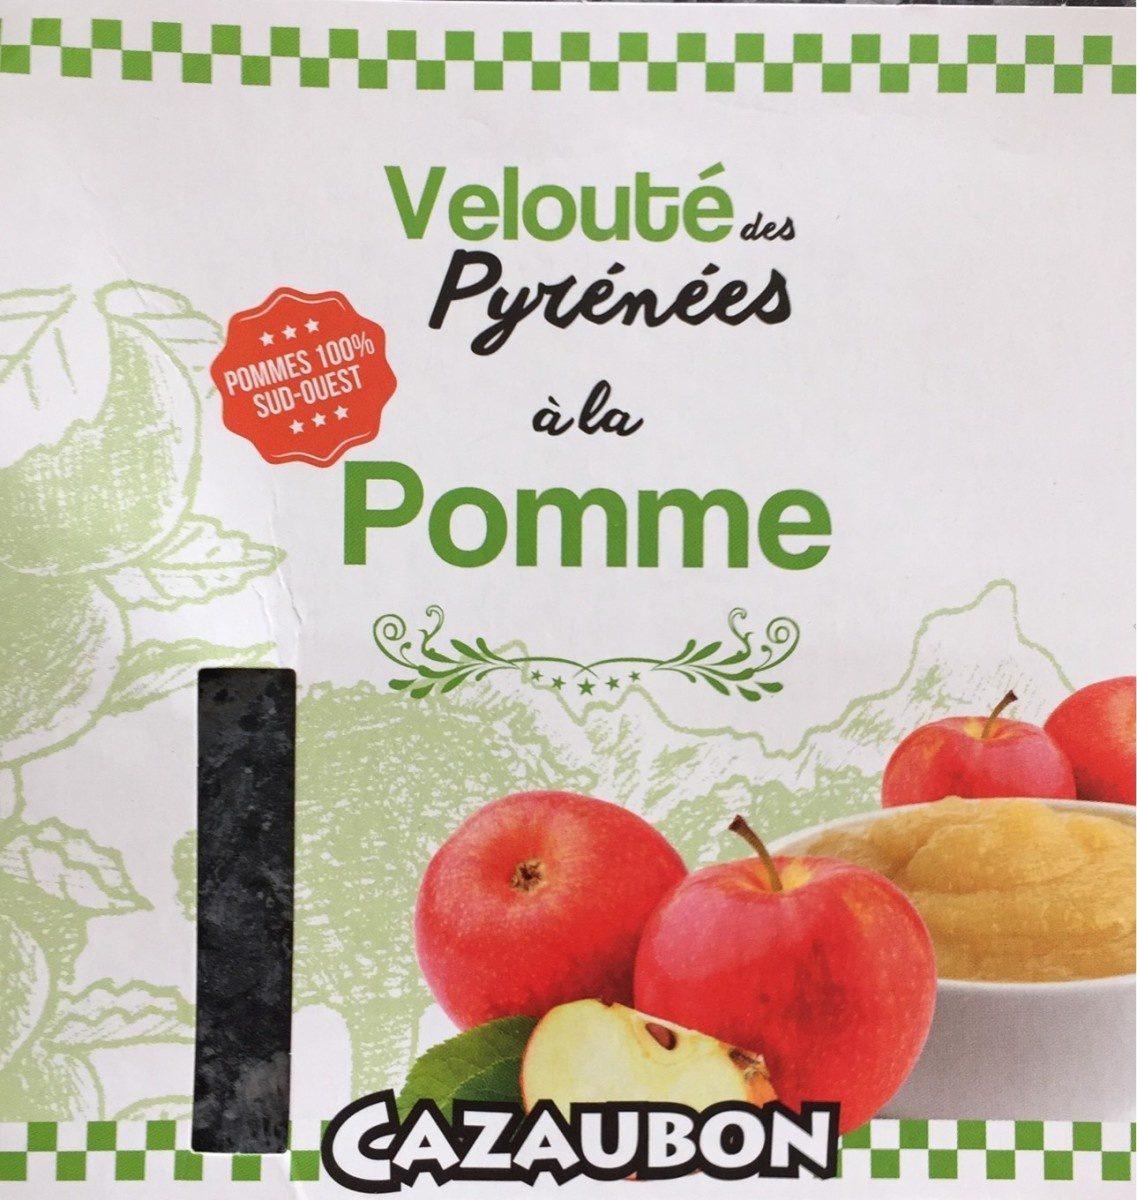 Velouté des Pyrenees à la pomme - Product